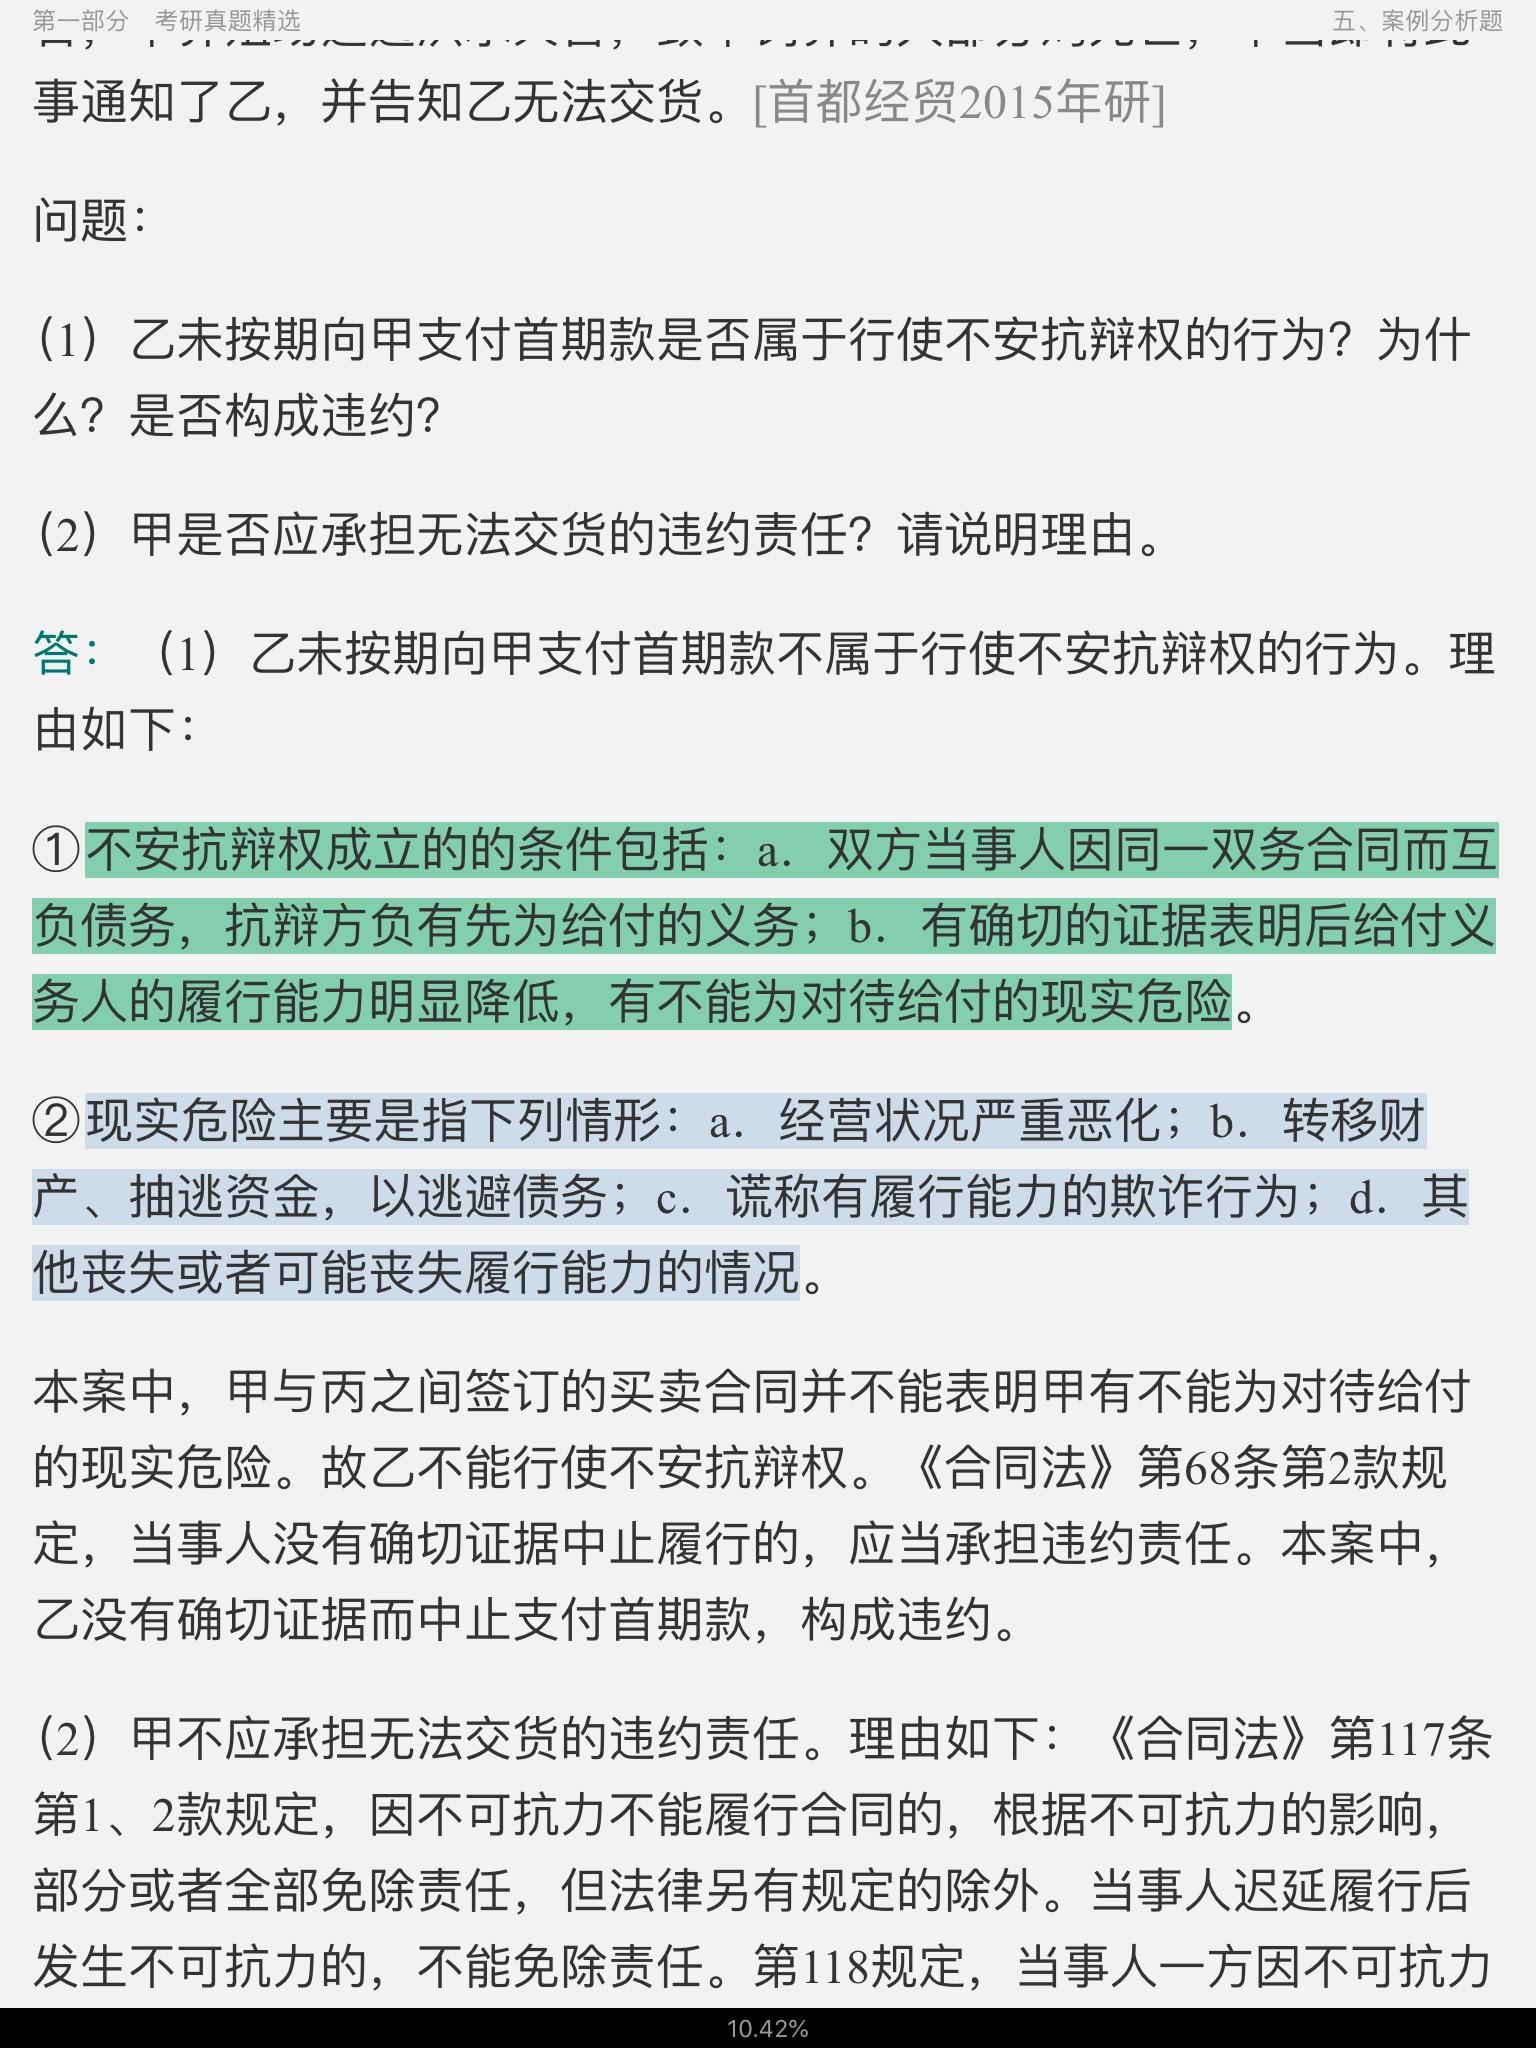 王利明、杨立新《民法学》(第5版)配套题库【考研真题精选+章节题库】